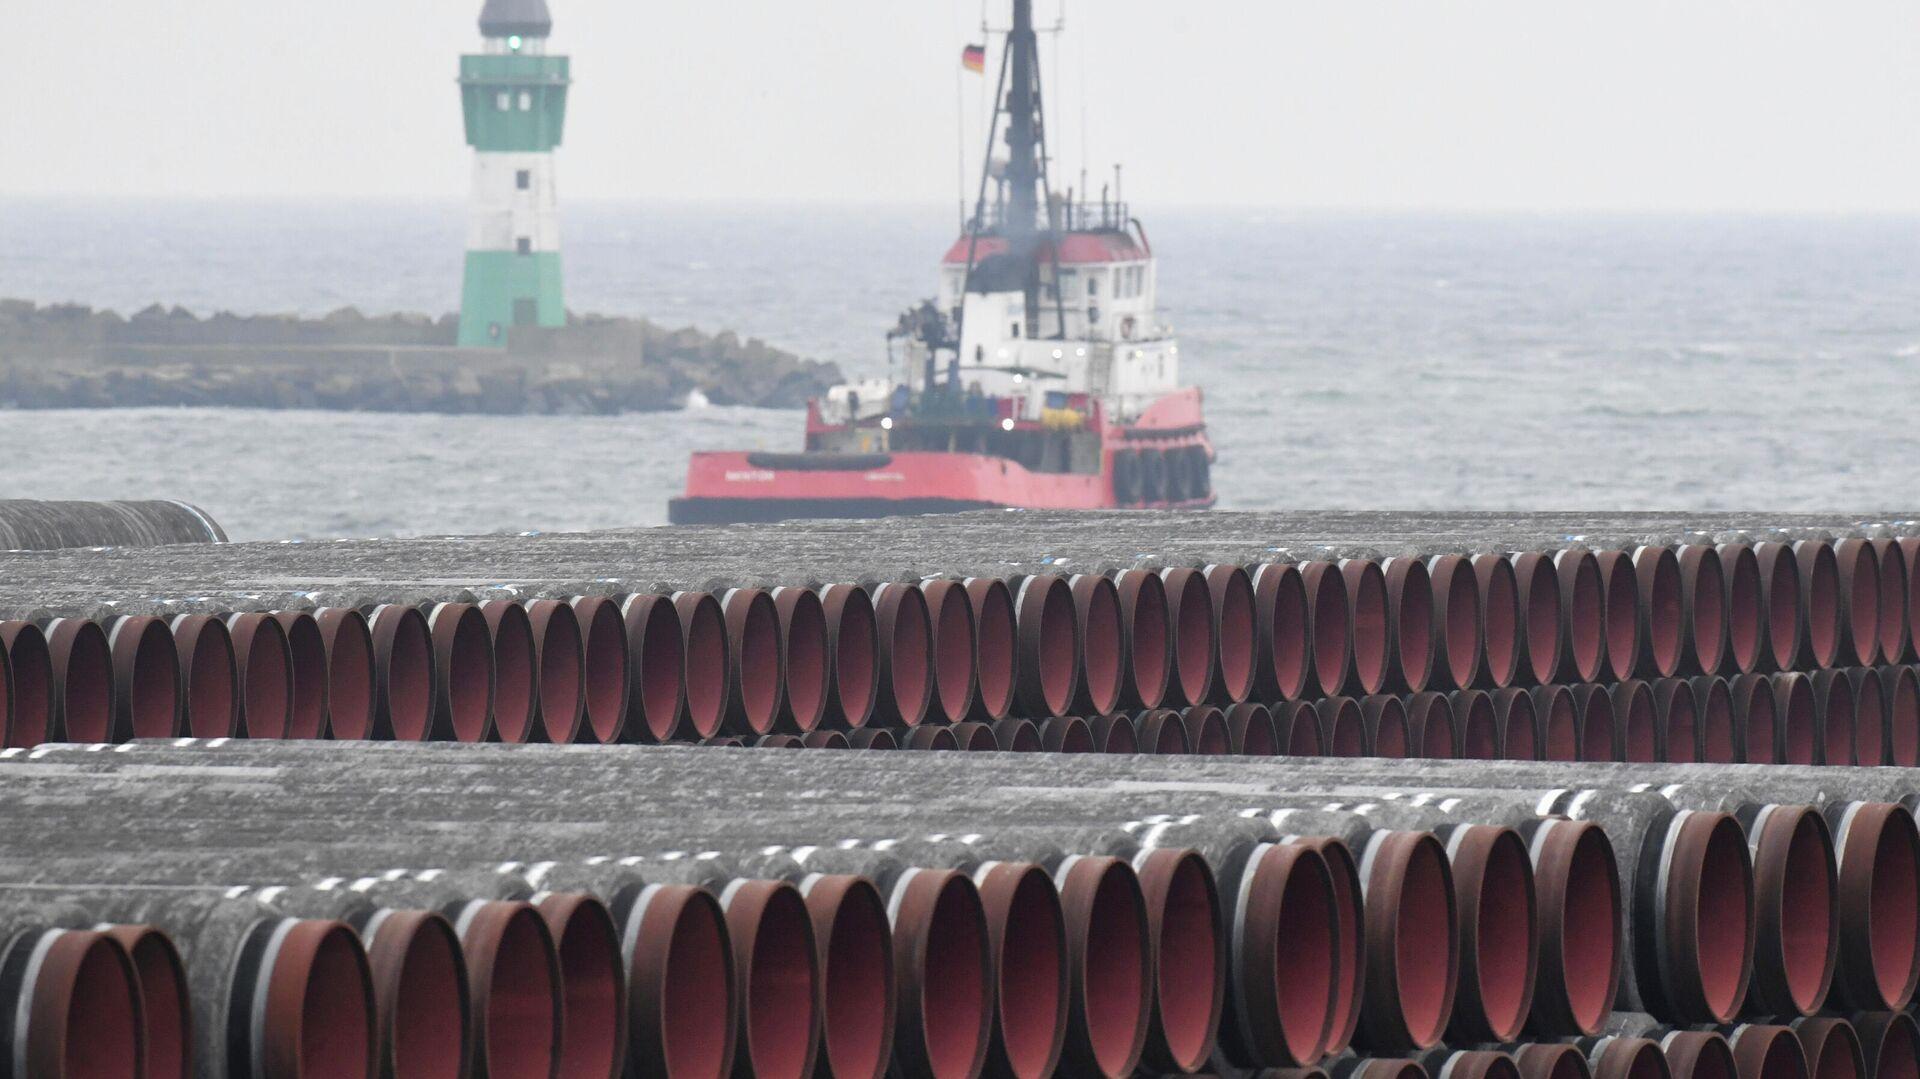 Трубы для строительства газопровода Nord Stream 2 в порту Мукран, Германия - РИА Новости, 1920, 13.07.2021